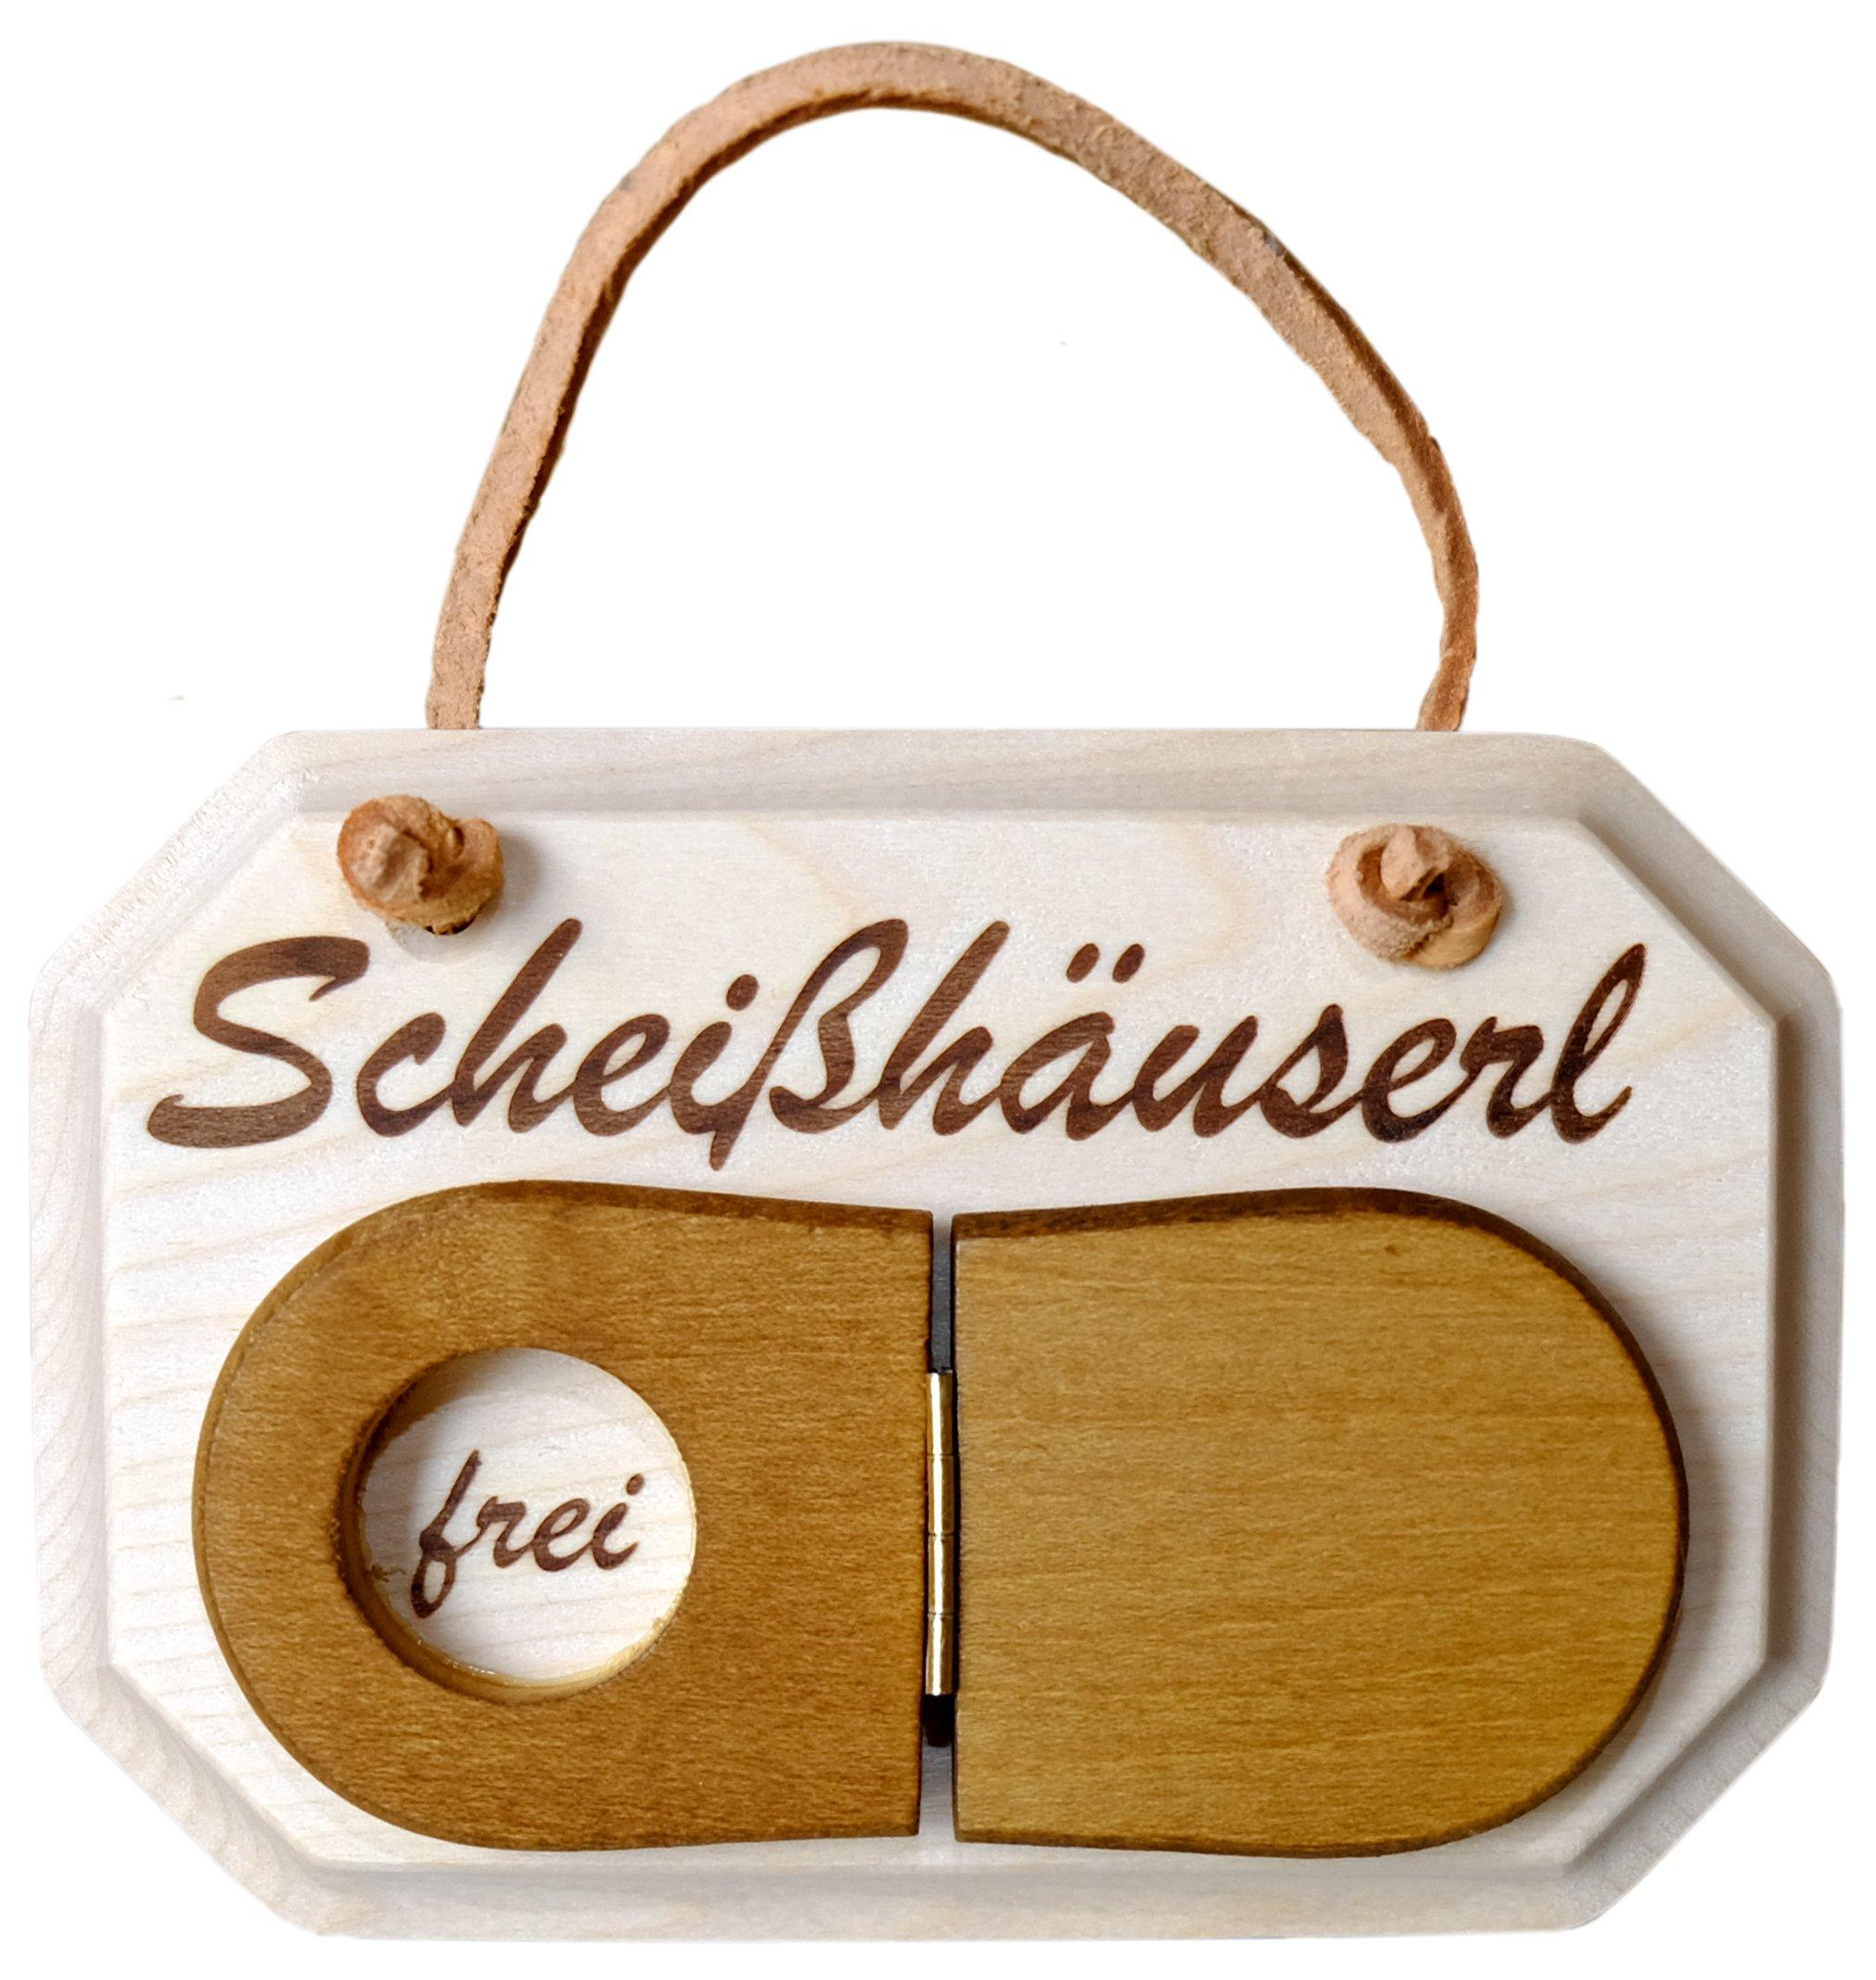 Kaltner Präsente Holz Schild Türschild aus massivem Ahorn für das WC Toilette Schriftzug Scheißhäuserl mit Klodeckel zum…